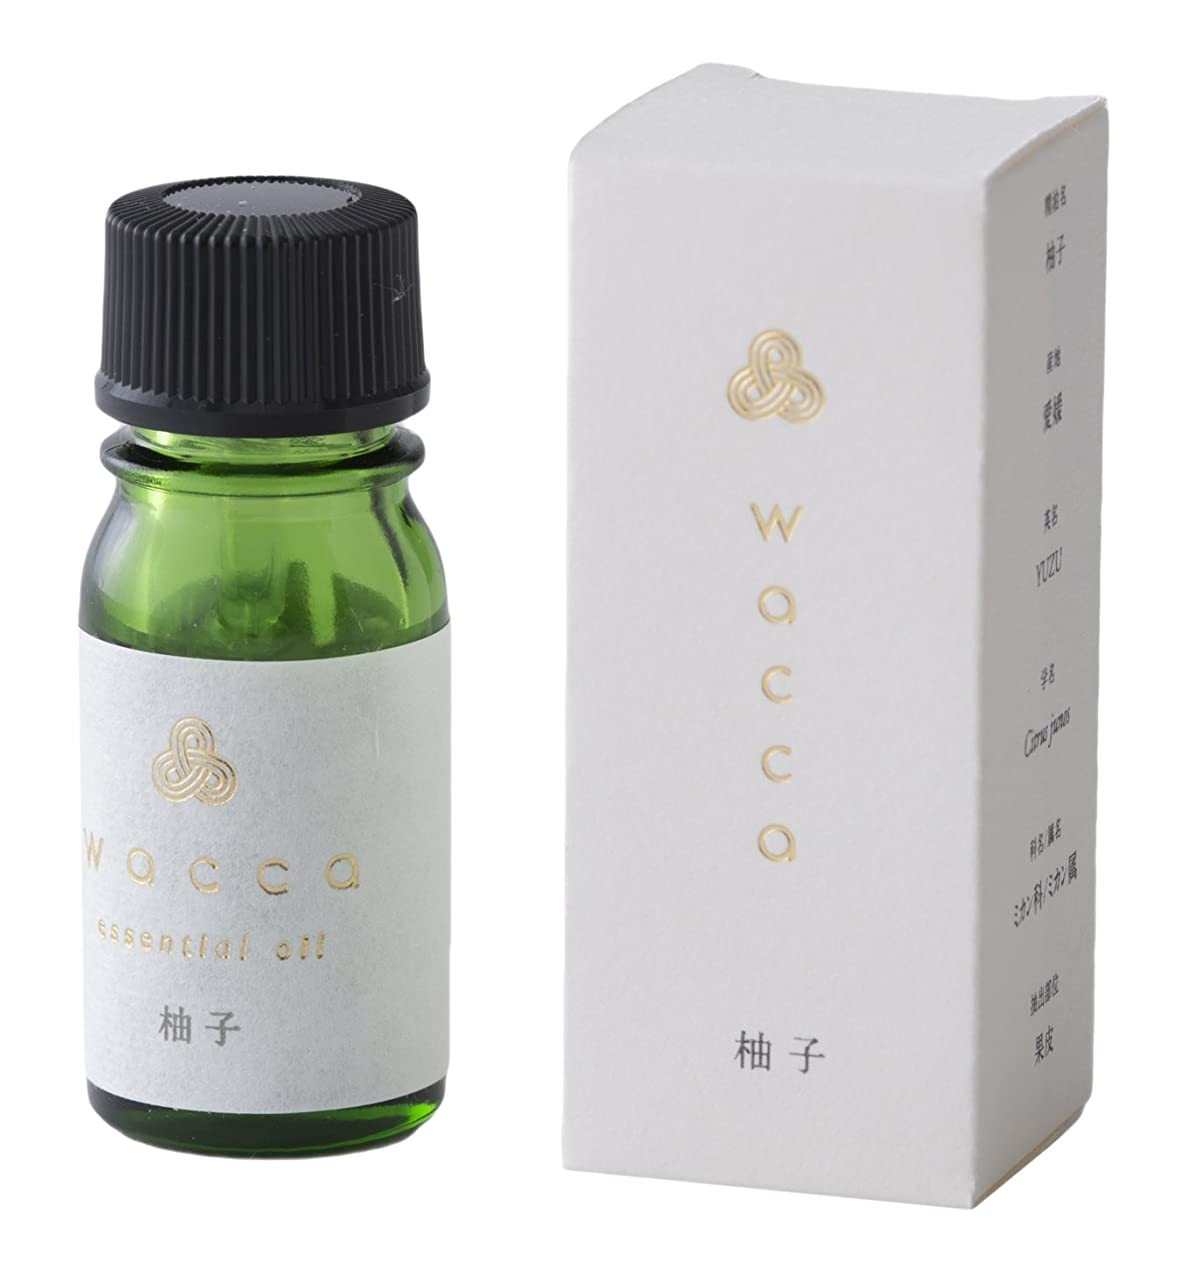 討論オプショナルマイコンwacca ワッカ エッセンシャルオイル 5ml 柚子 ユズ yuzu essential oil 和精油 KUSU HANDMADE